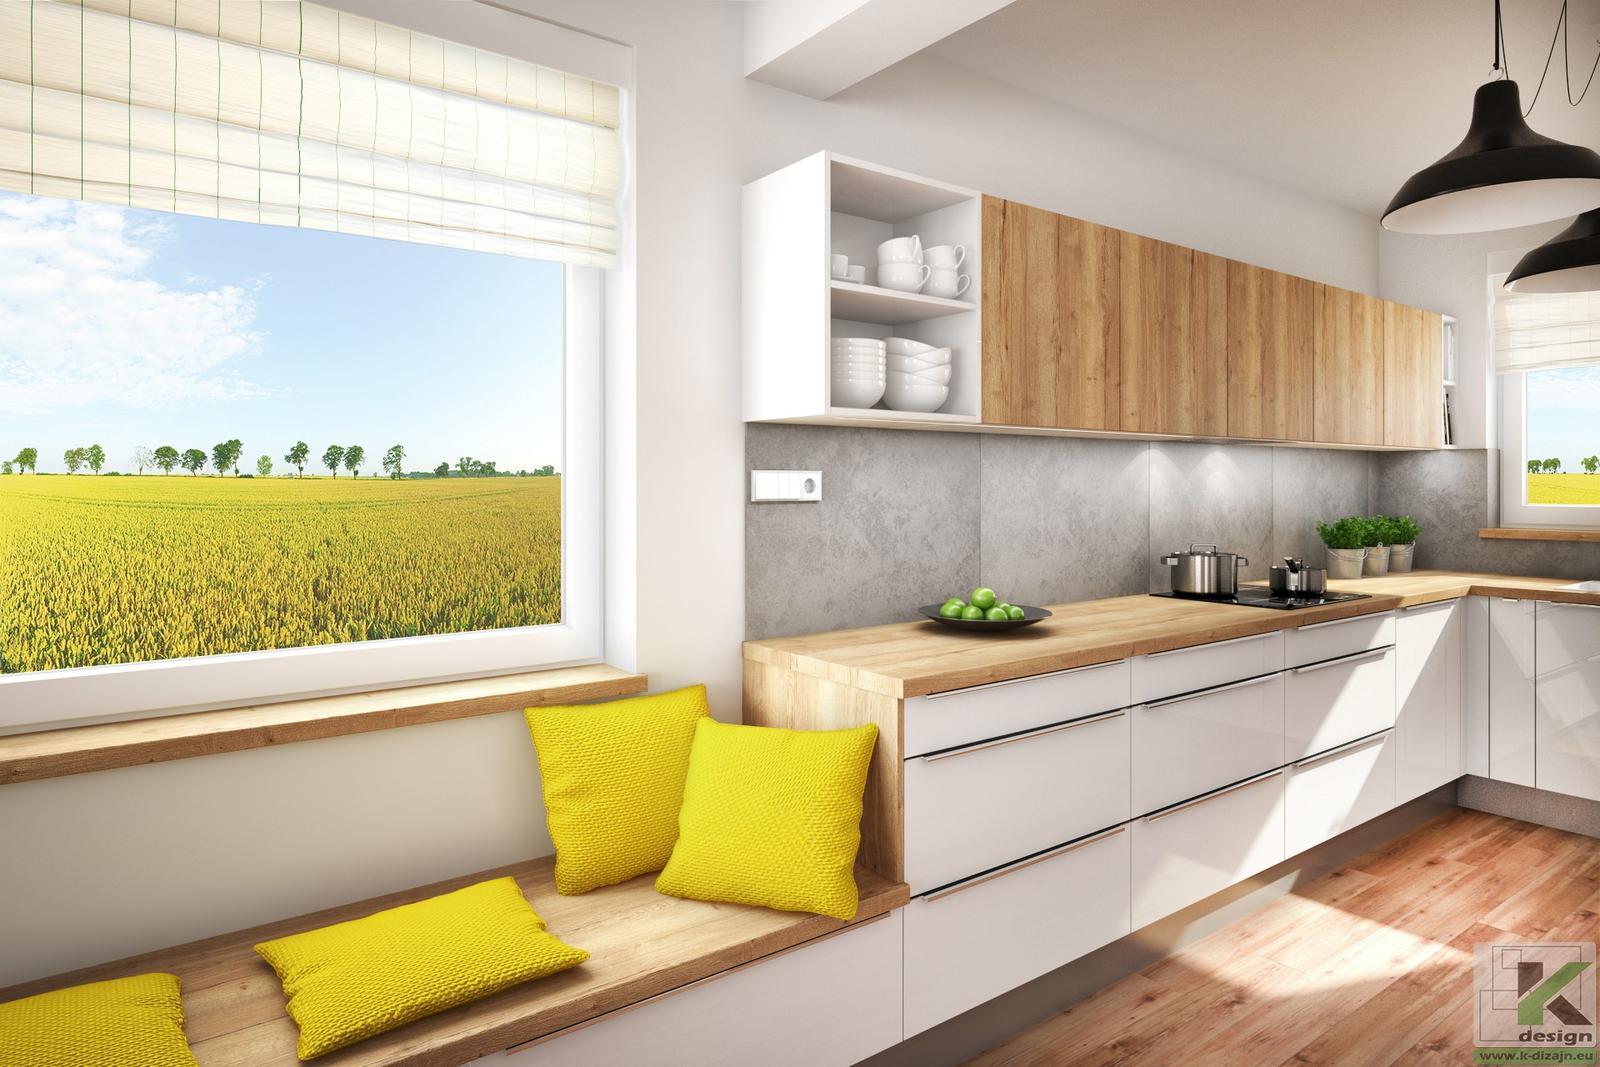 Vizualizácie kuchyne so sedením - Obrázok č. 6